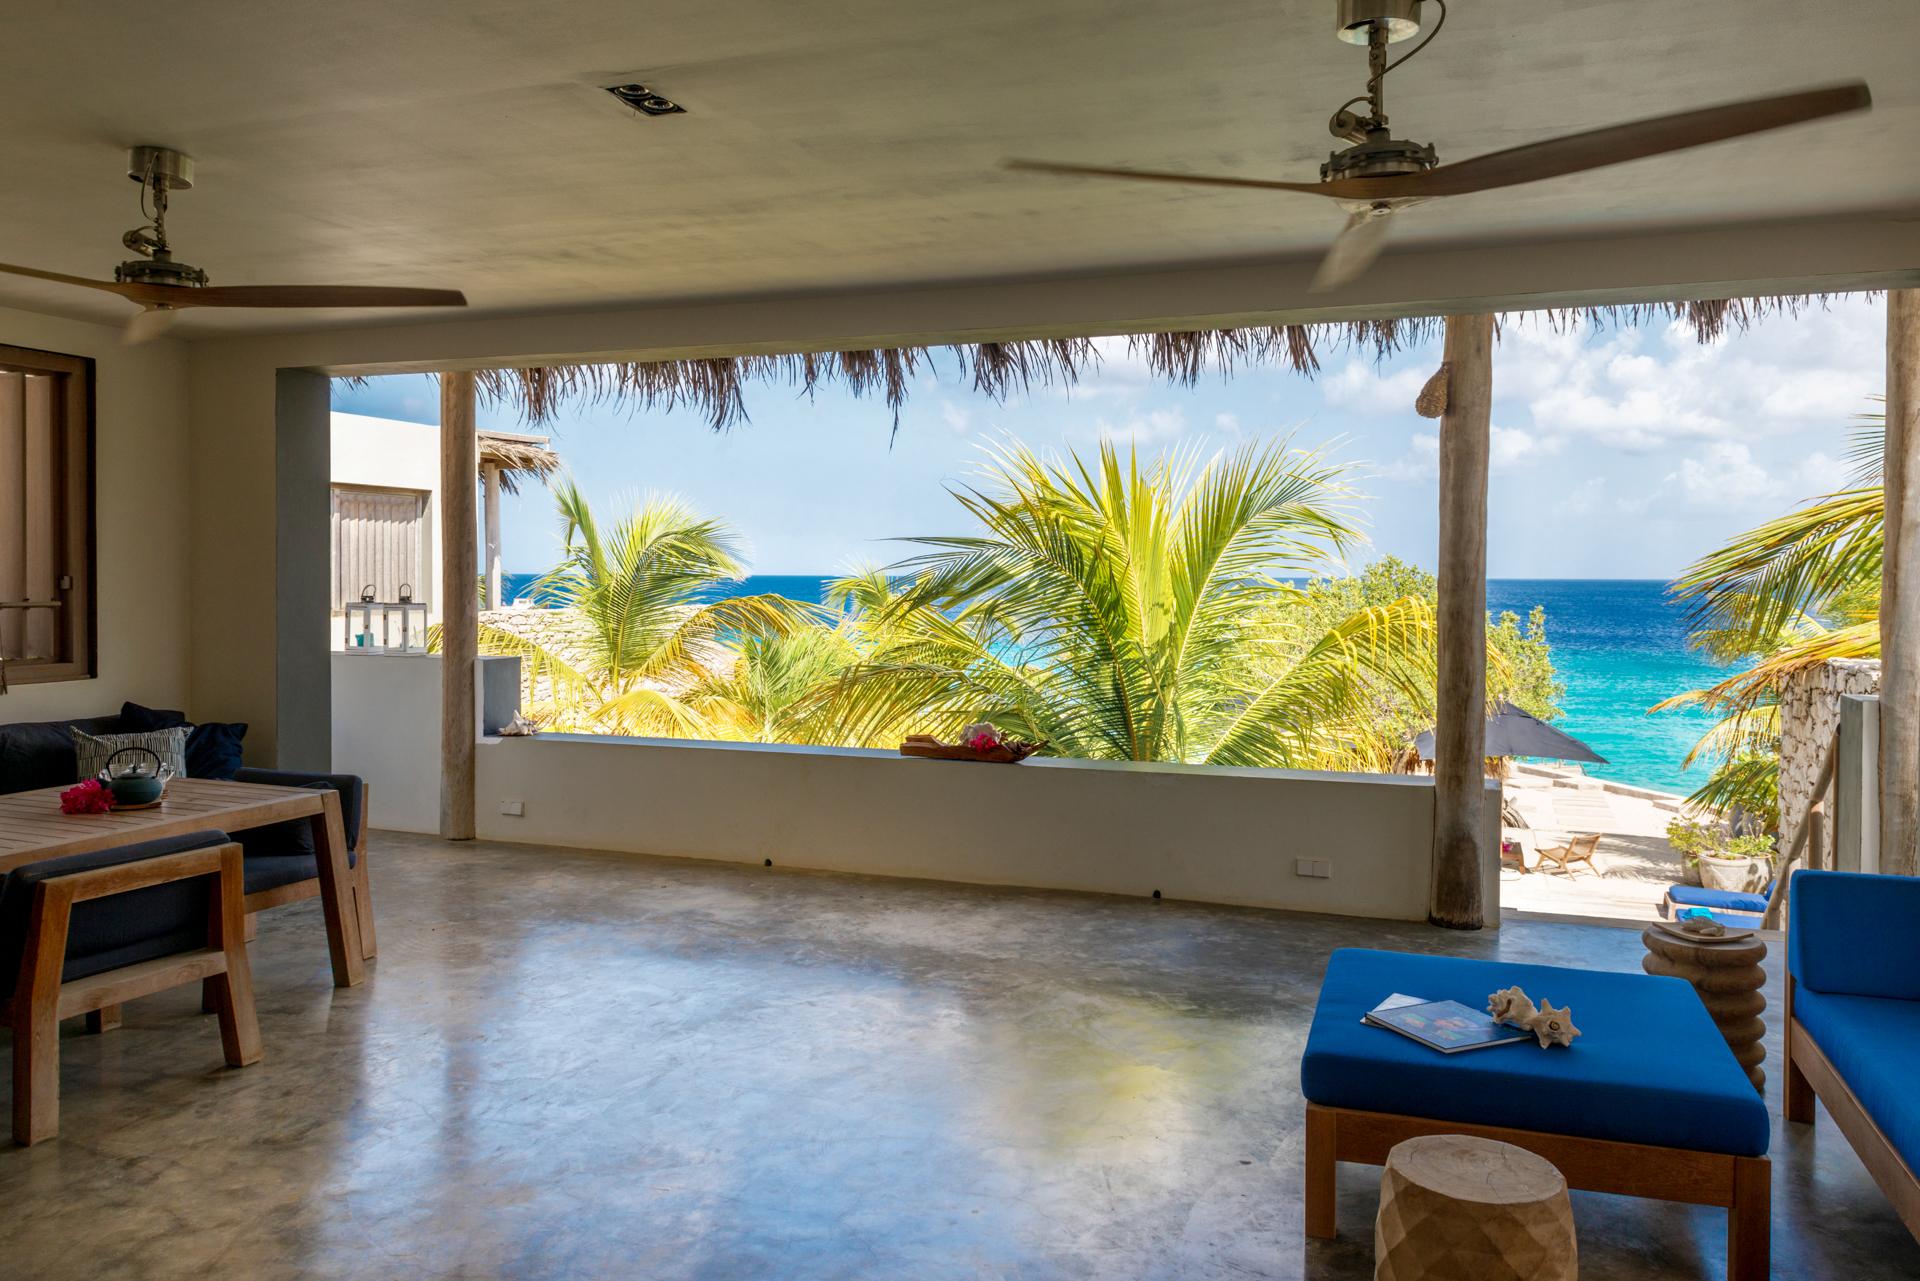 Piet Boon Eetkamer.Beach House Piet Boon Vakantie Verhuur Bonaire Oceanfront Villas